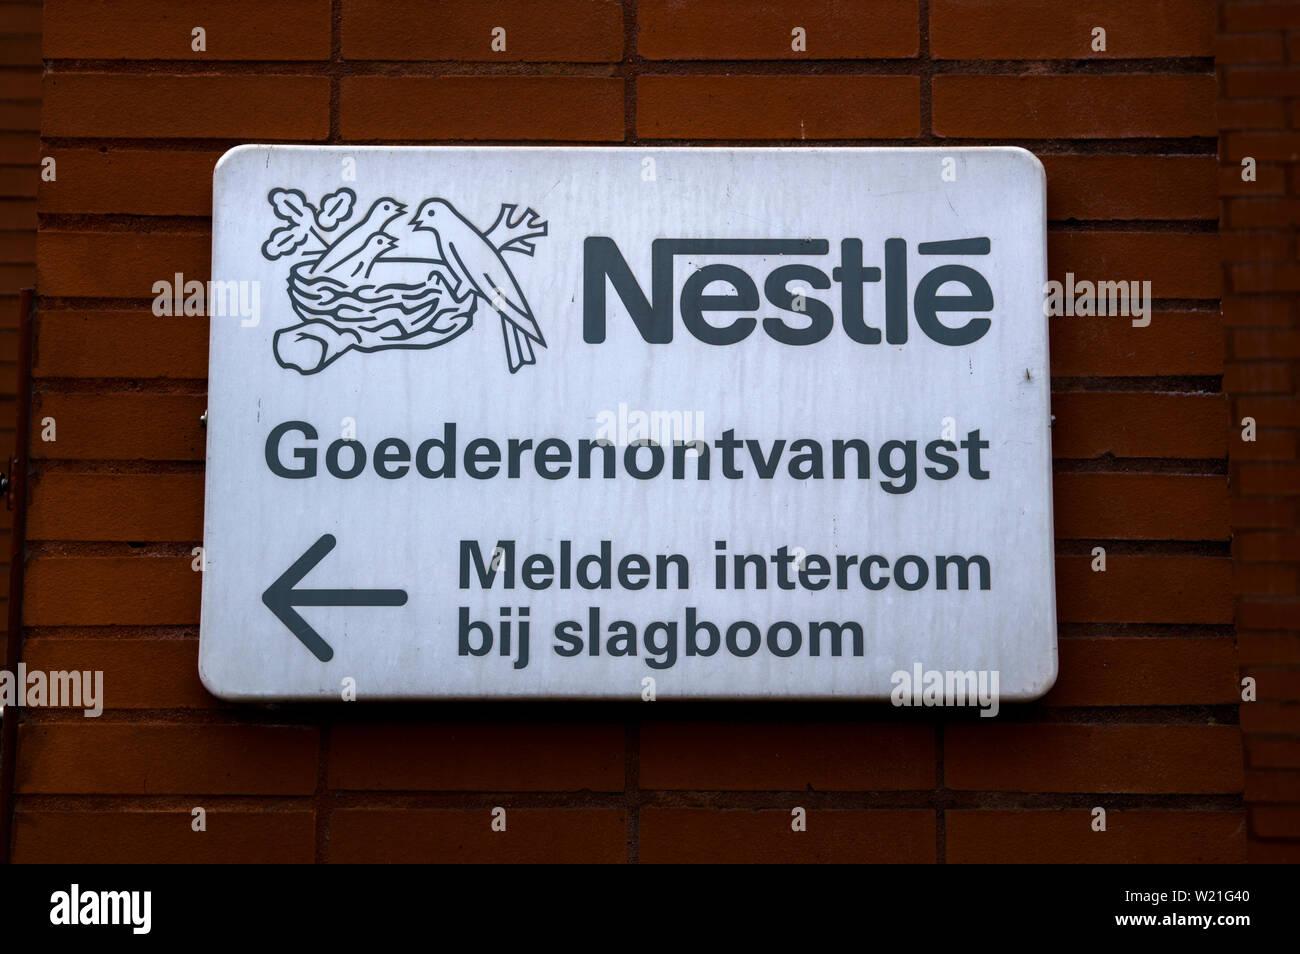 Nestle Nestlé Company Logo Icon Stock Photos & Nestle Nestlé Company